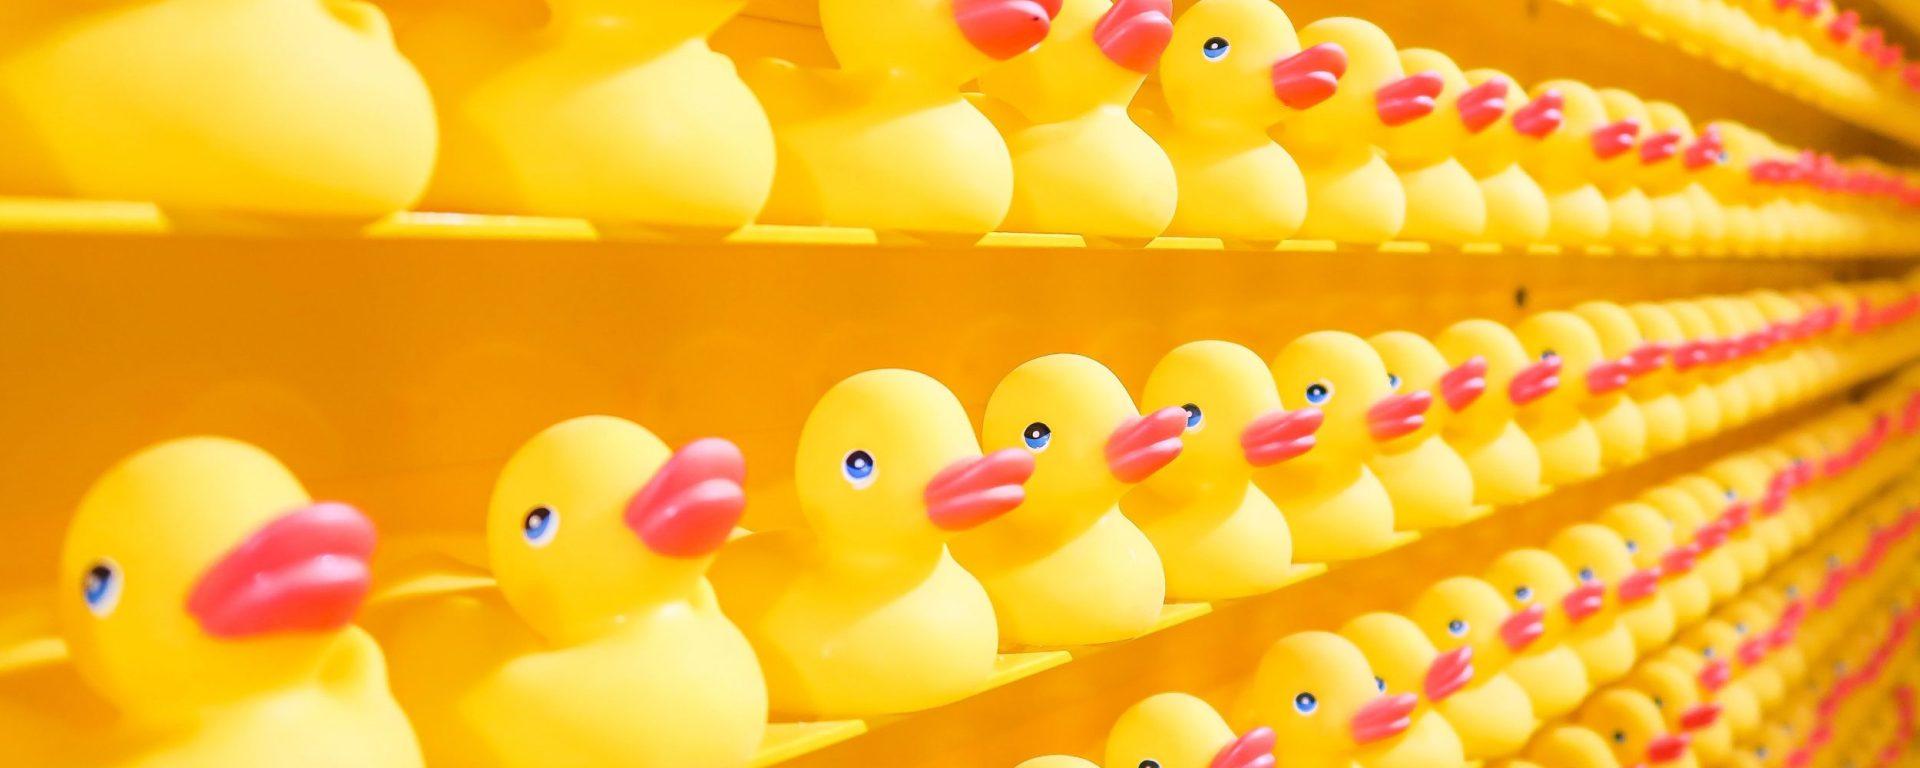 Ducks. Image: Joshua Colman on Unsplash